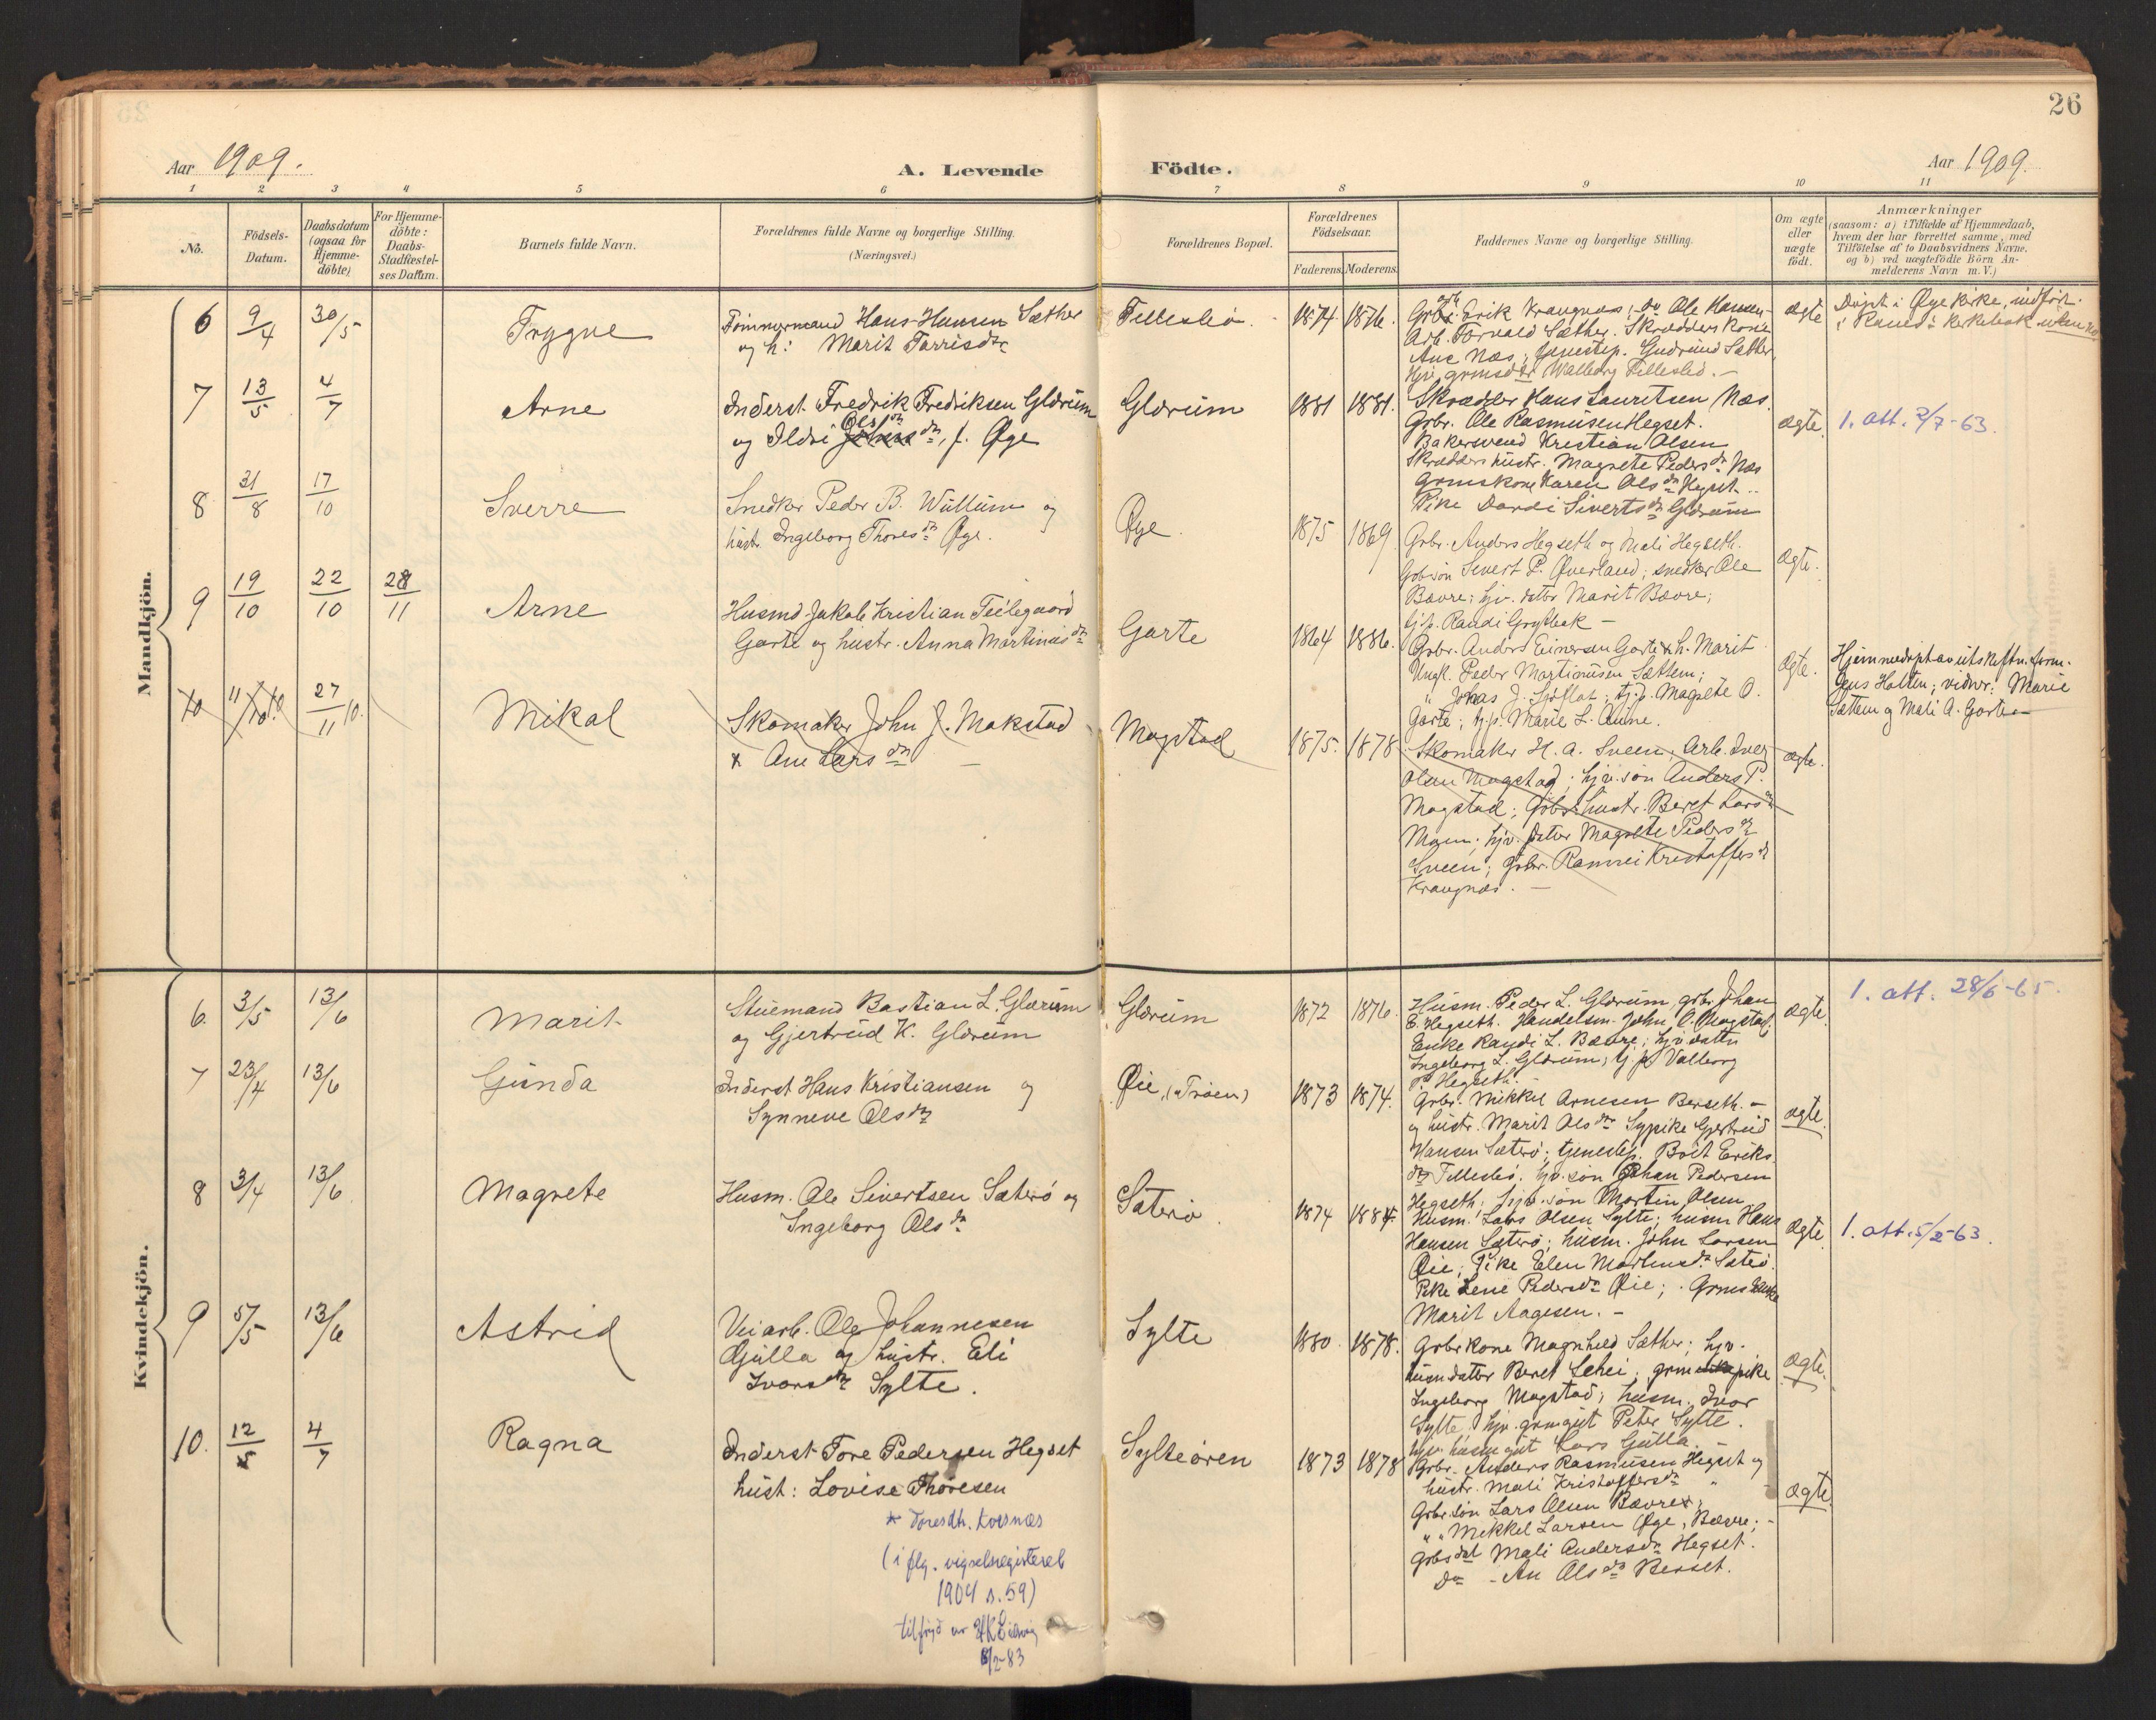 SAT, Ministerialprotokoller, klokkerbøker og fødselsregistre - Møre og Romsdal, 595/L1048: Ministerialbok nr. 595A10, 1900-1917, s. 26